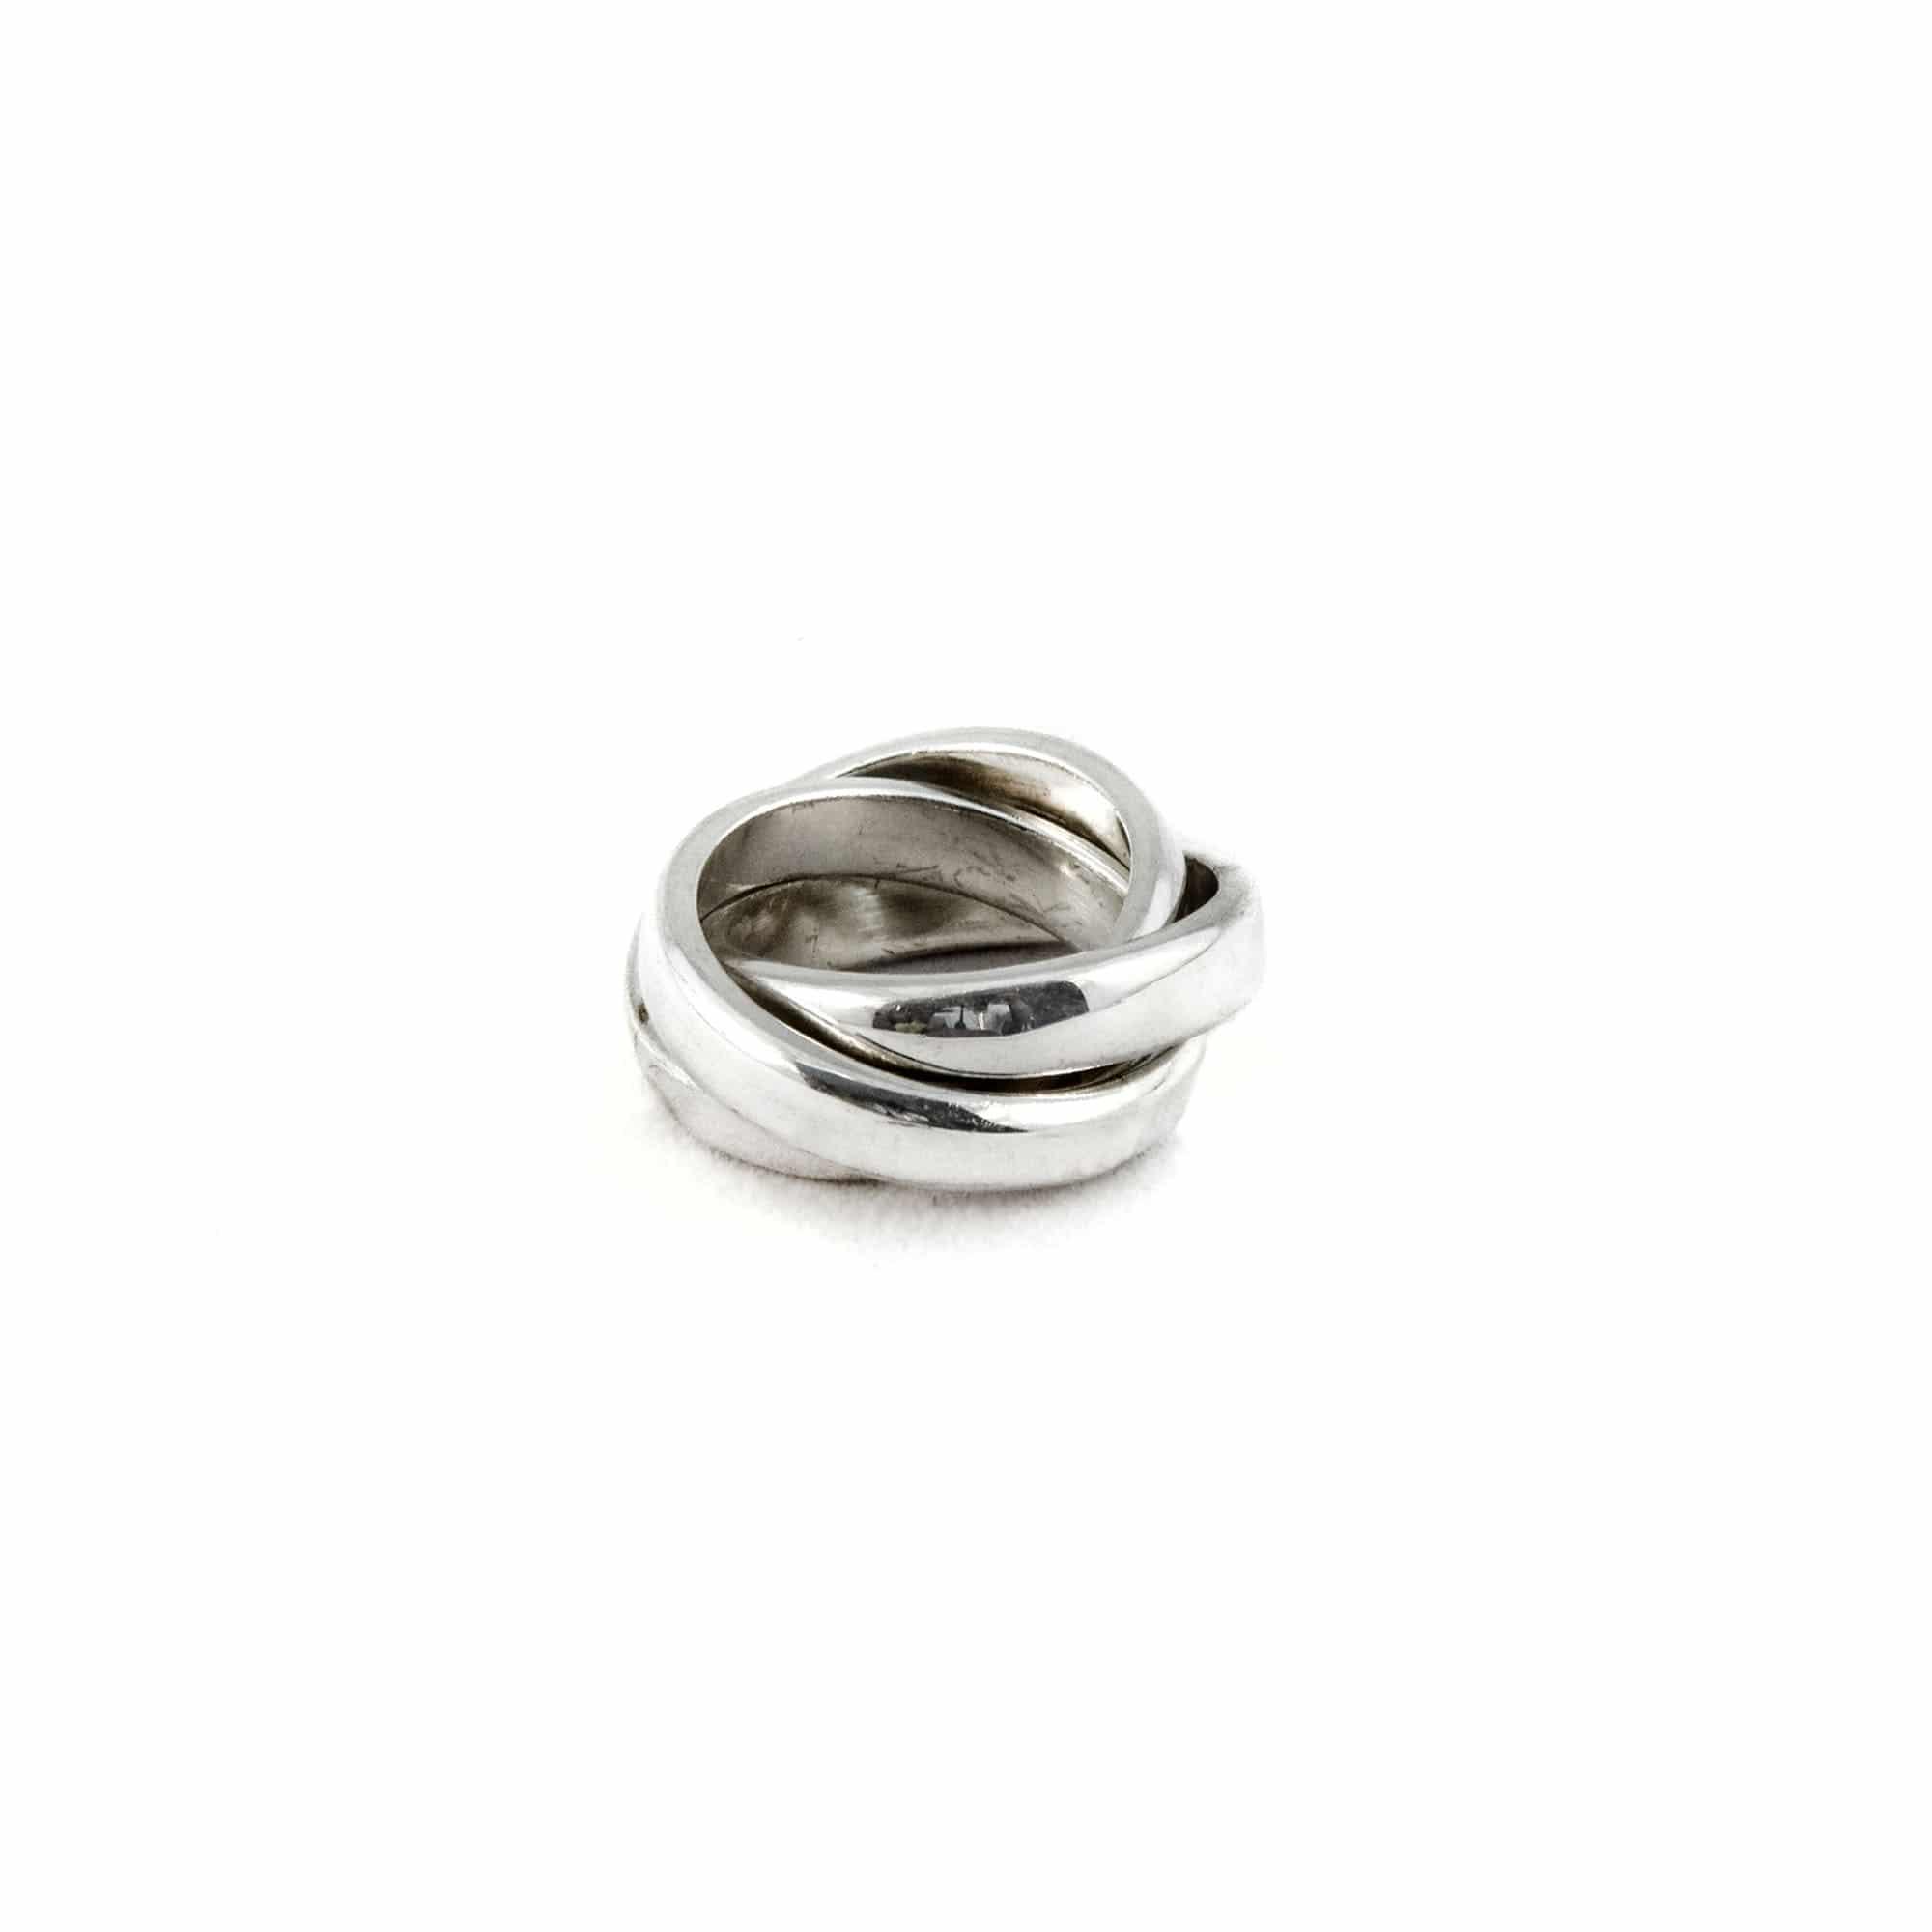 Segoya Tiga hoog gehalte zilveren ring, handgemaakt in Bali.